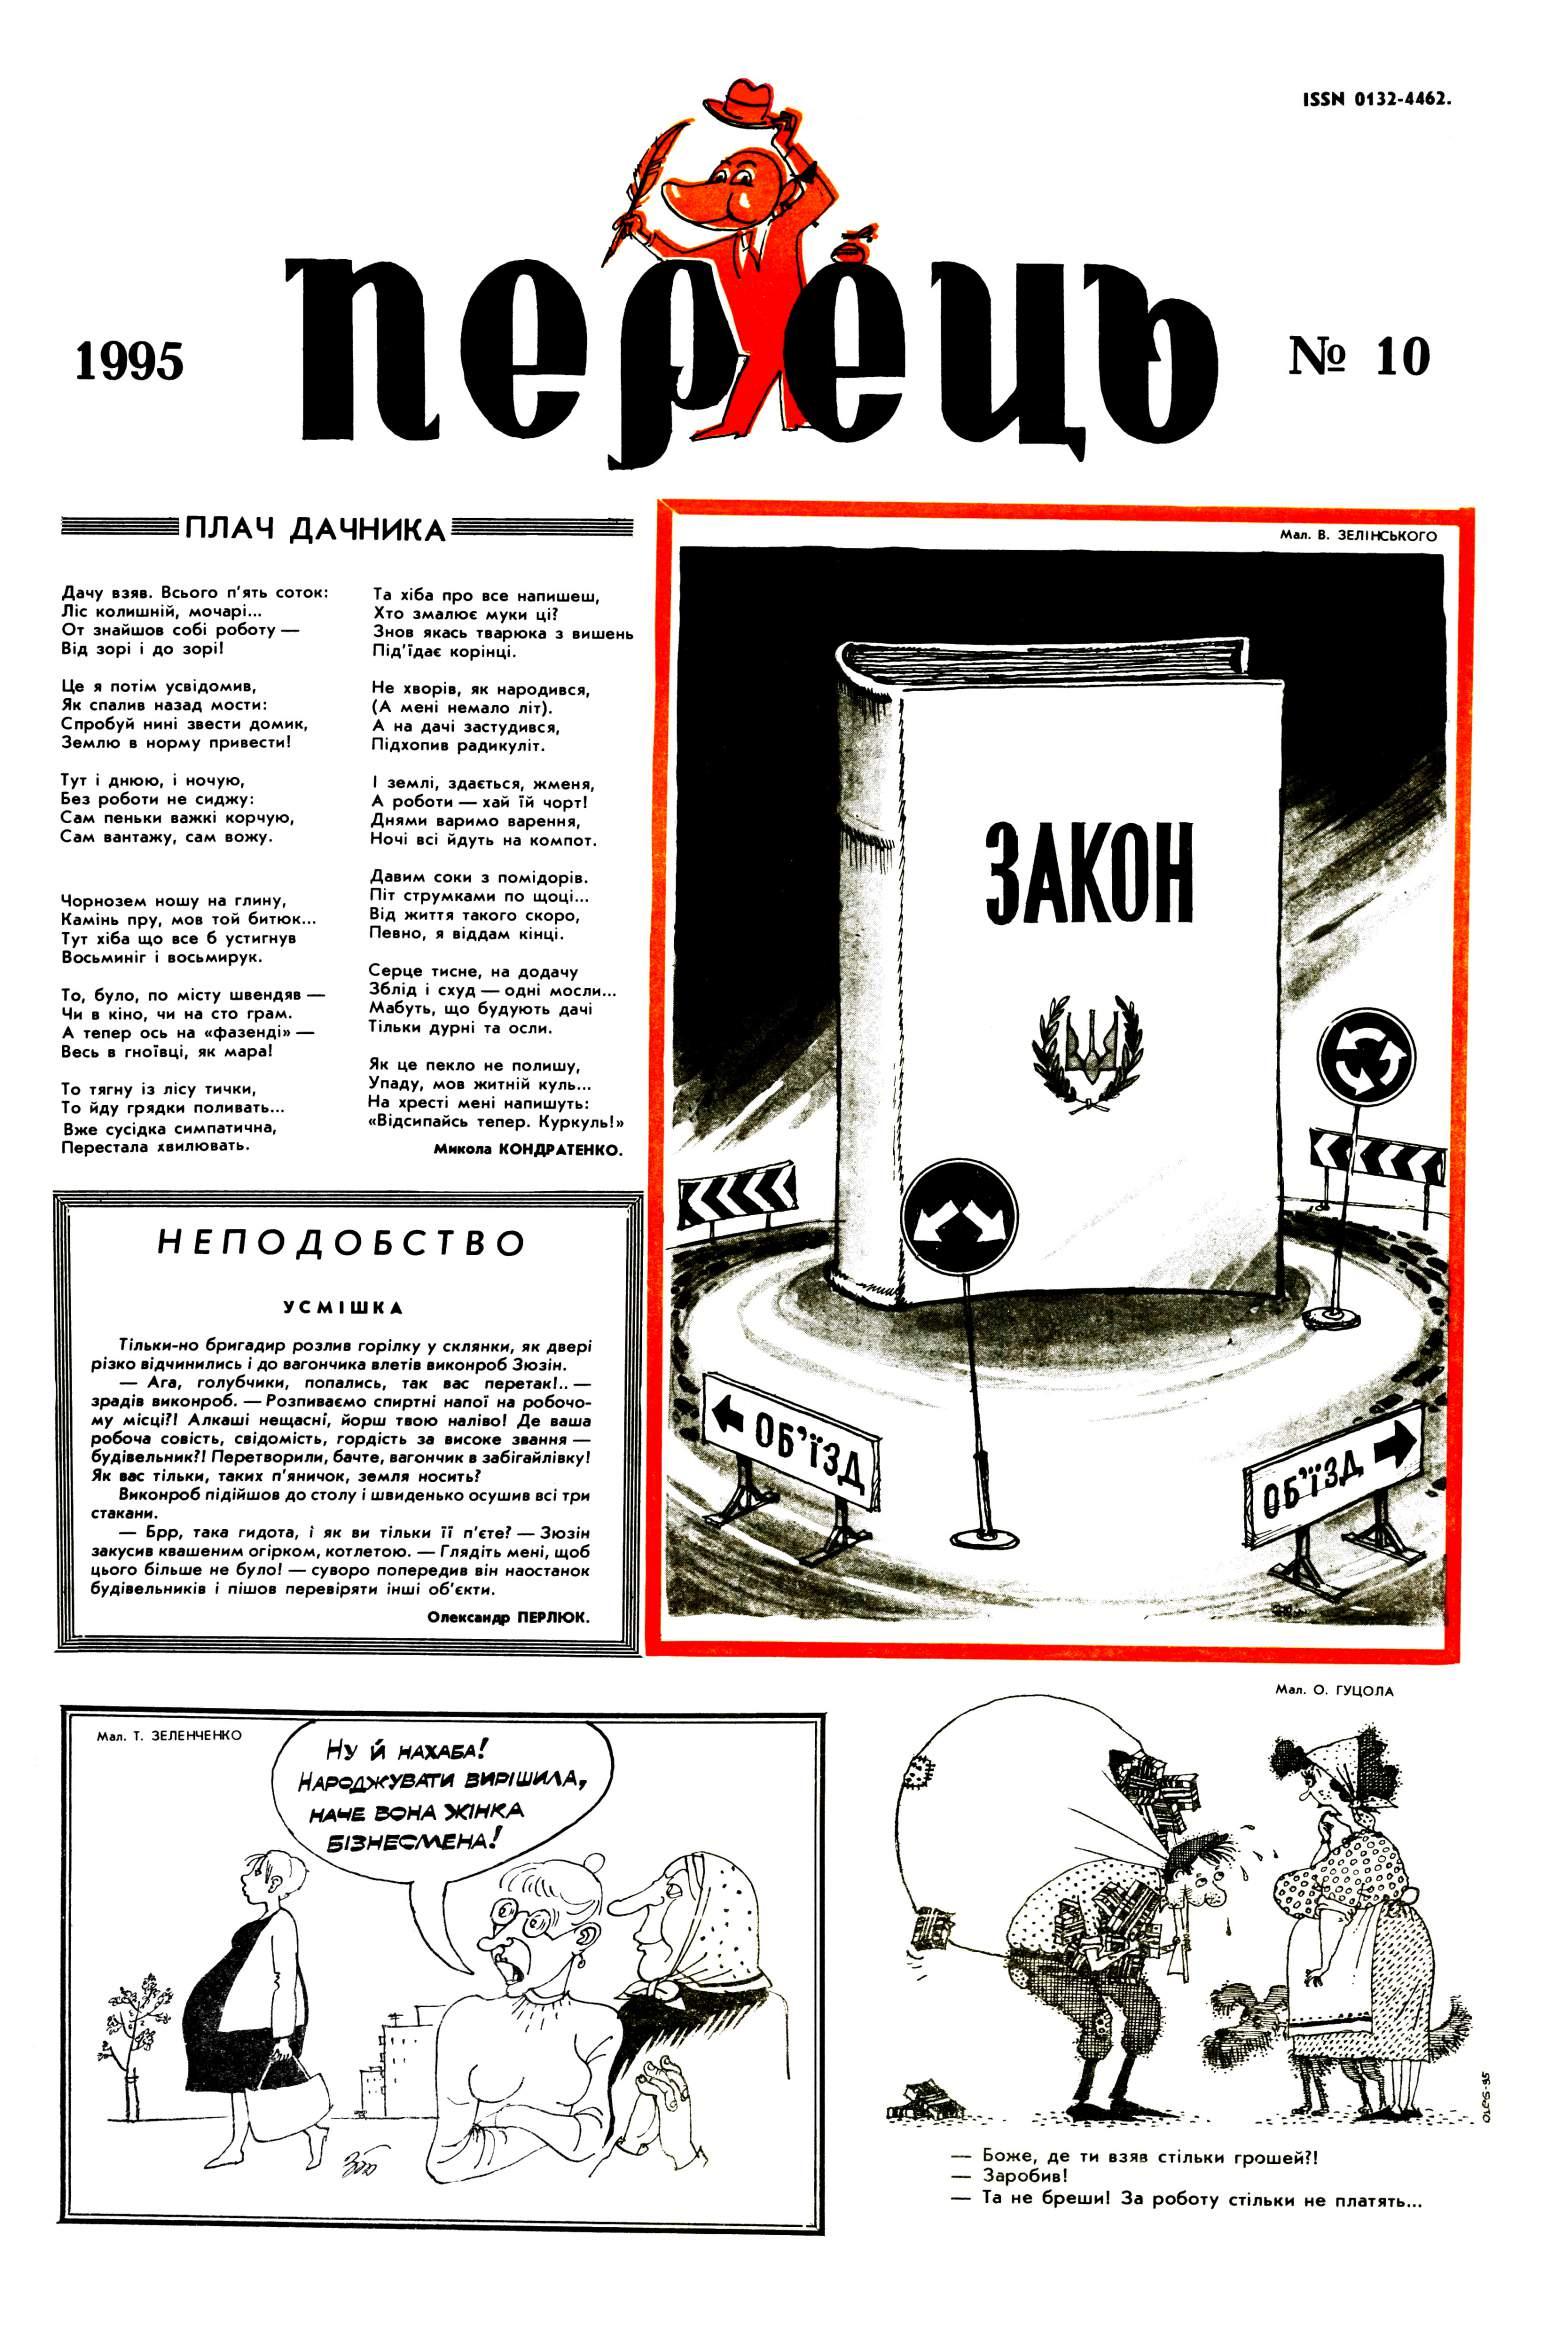 Журнал перець 1995 №10